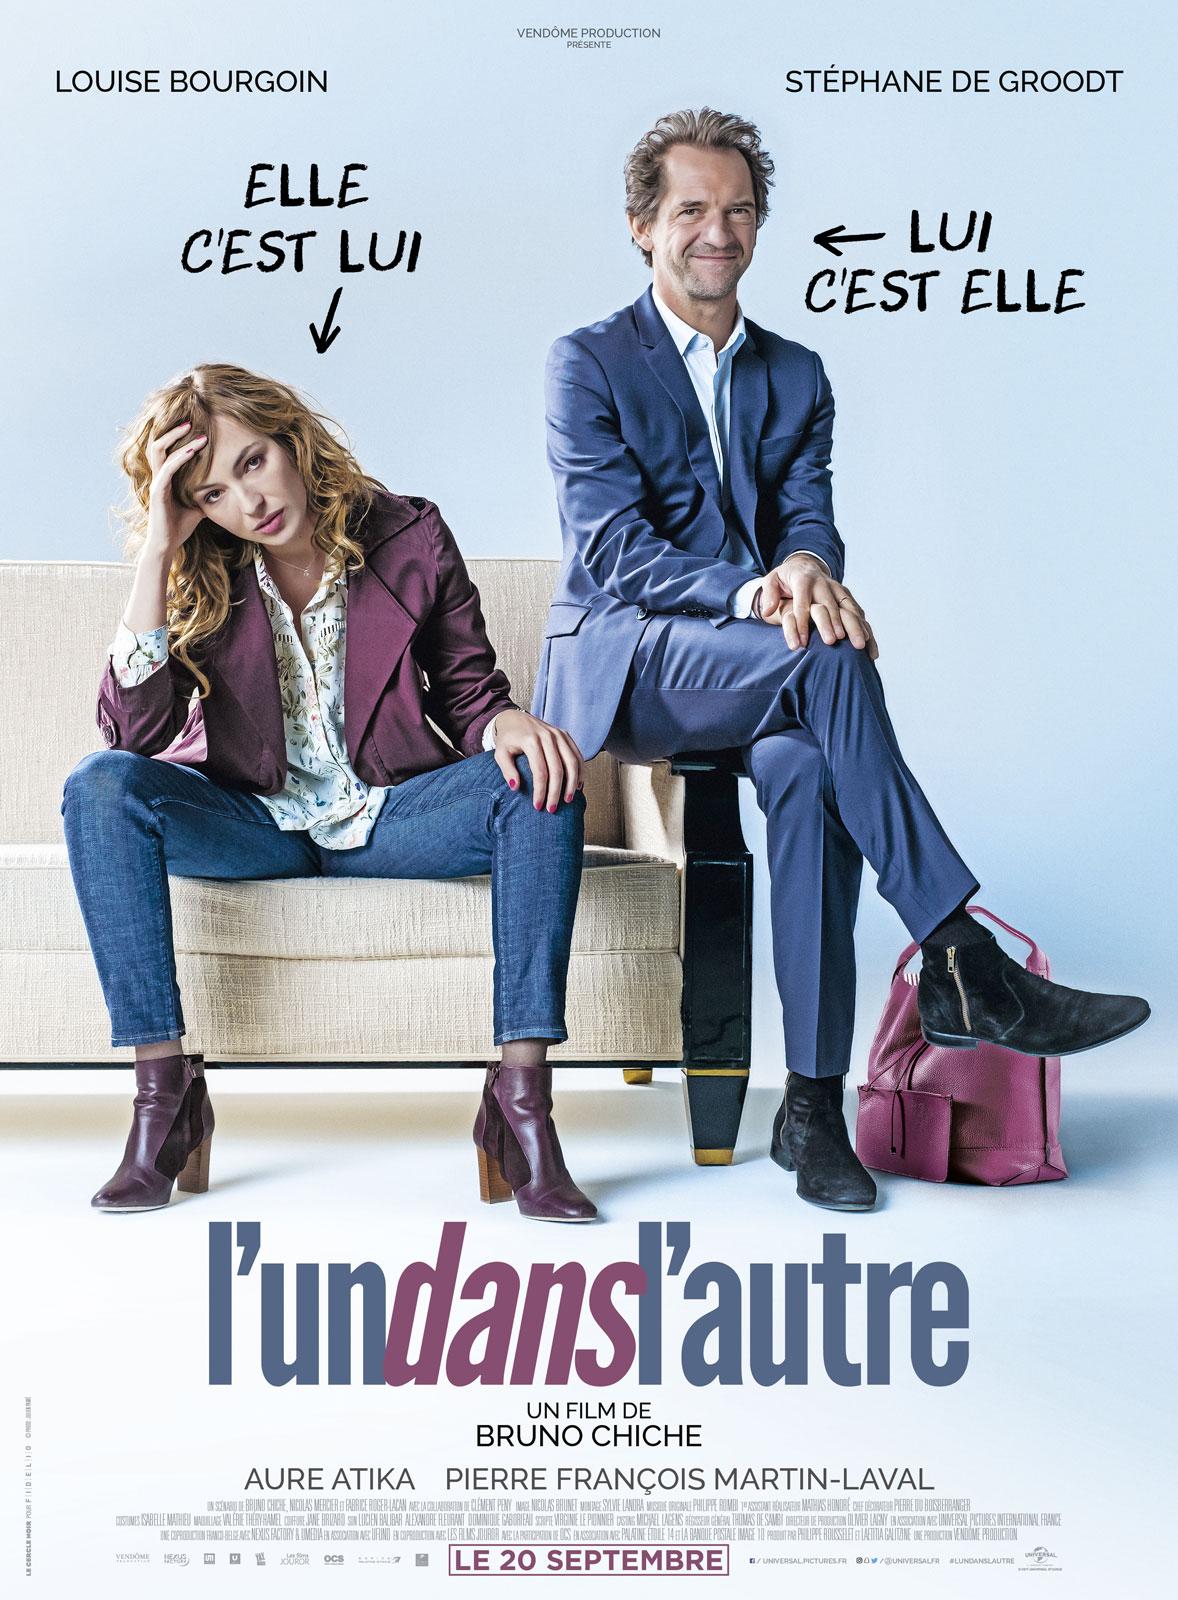 L\`un dans l\`autre Français HDRiP